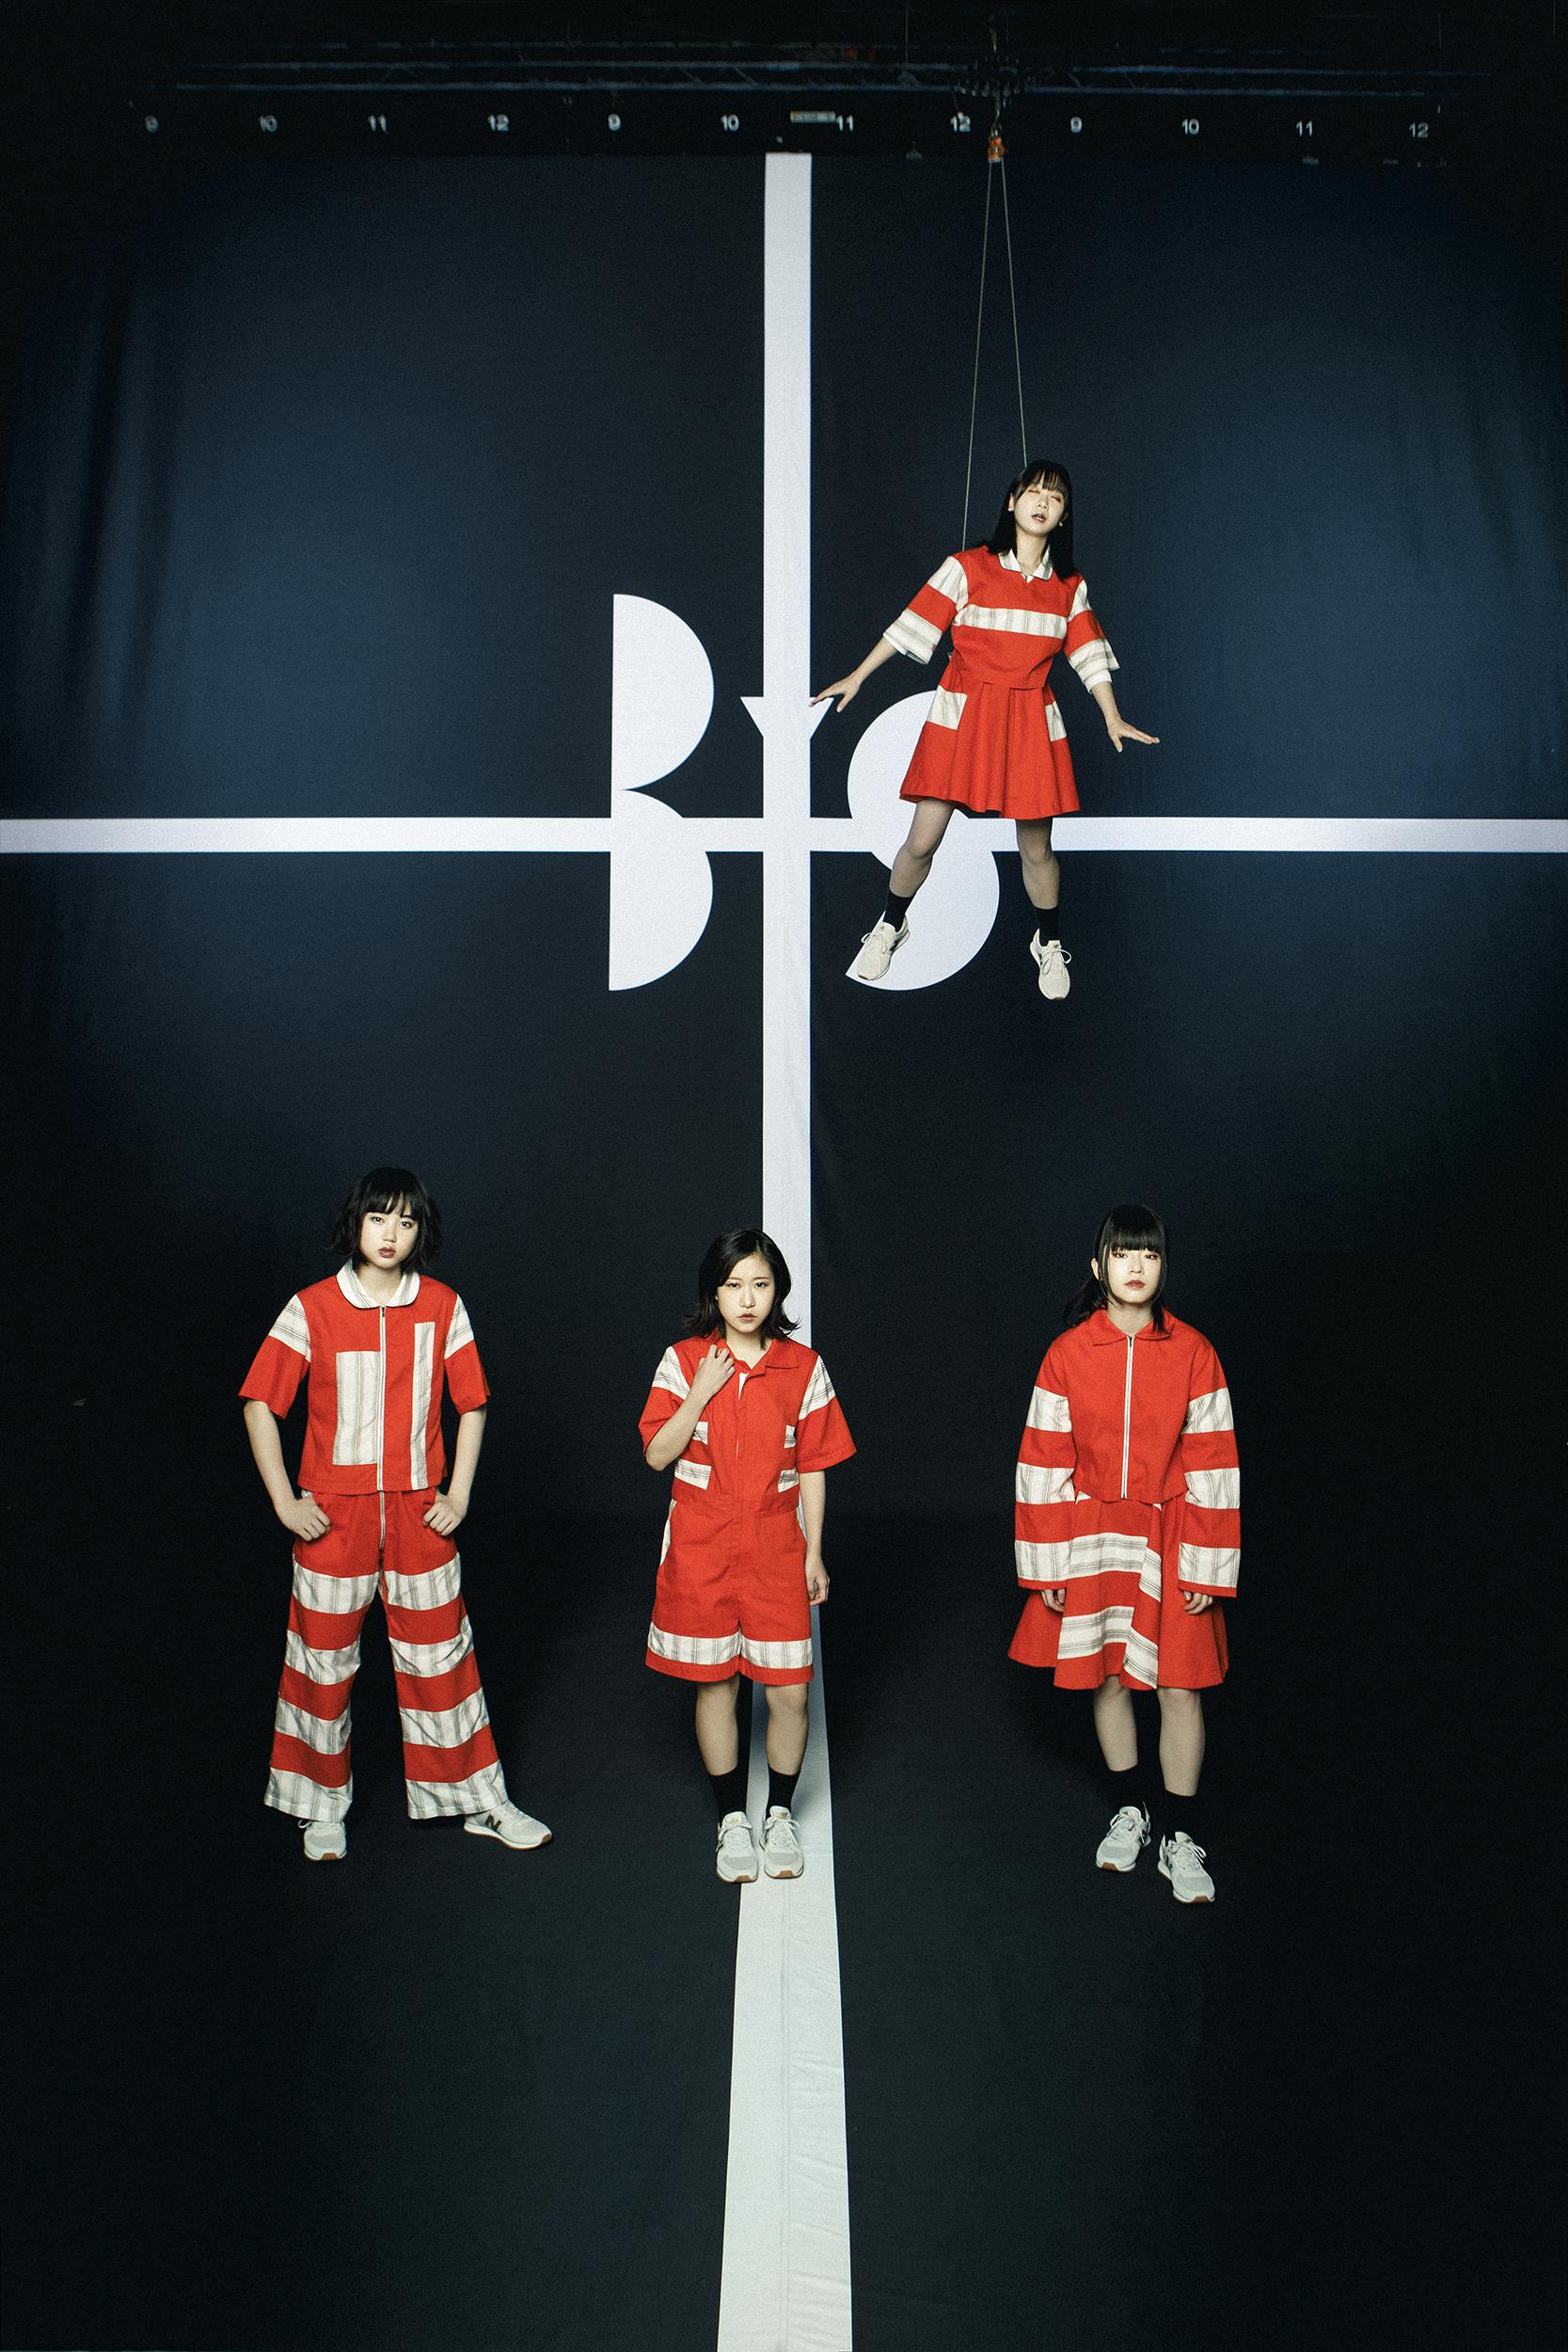 BiS、山田健人&エリザベス宮地がタッグを組み新潟・佐渡島を舞台に制作したMV公開